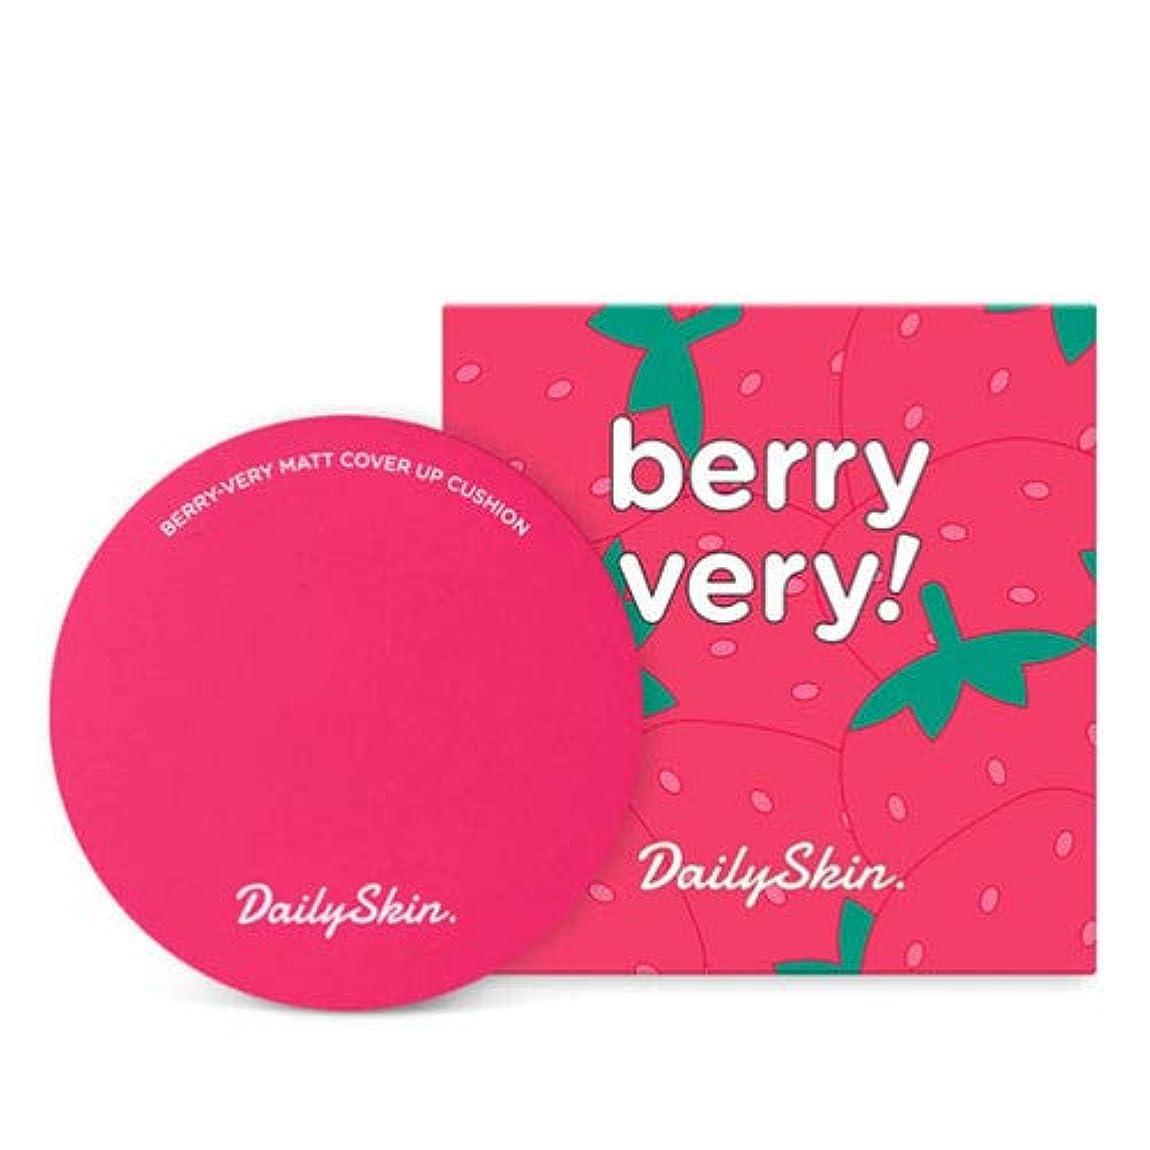 どこか著名な朝食を食べるDaily Skin Berry Very Matt Cover Up Cushion (No.23 Berry Natural) ]デイリースキン いちごマット カバー アップ クッション [並行輸入品]